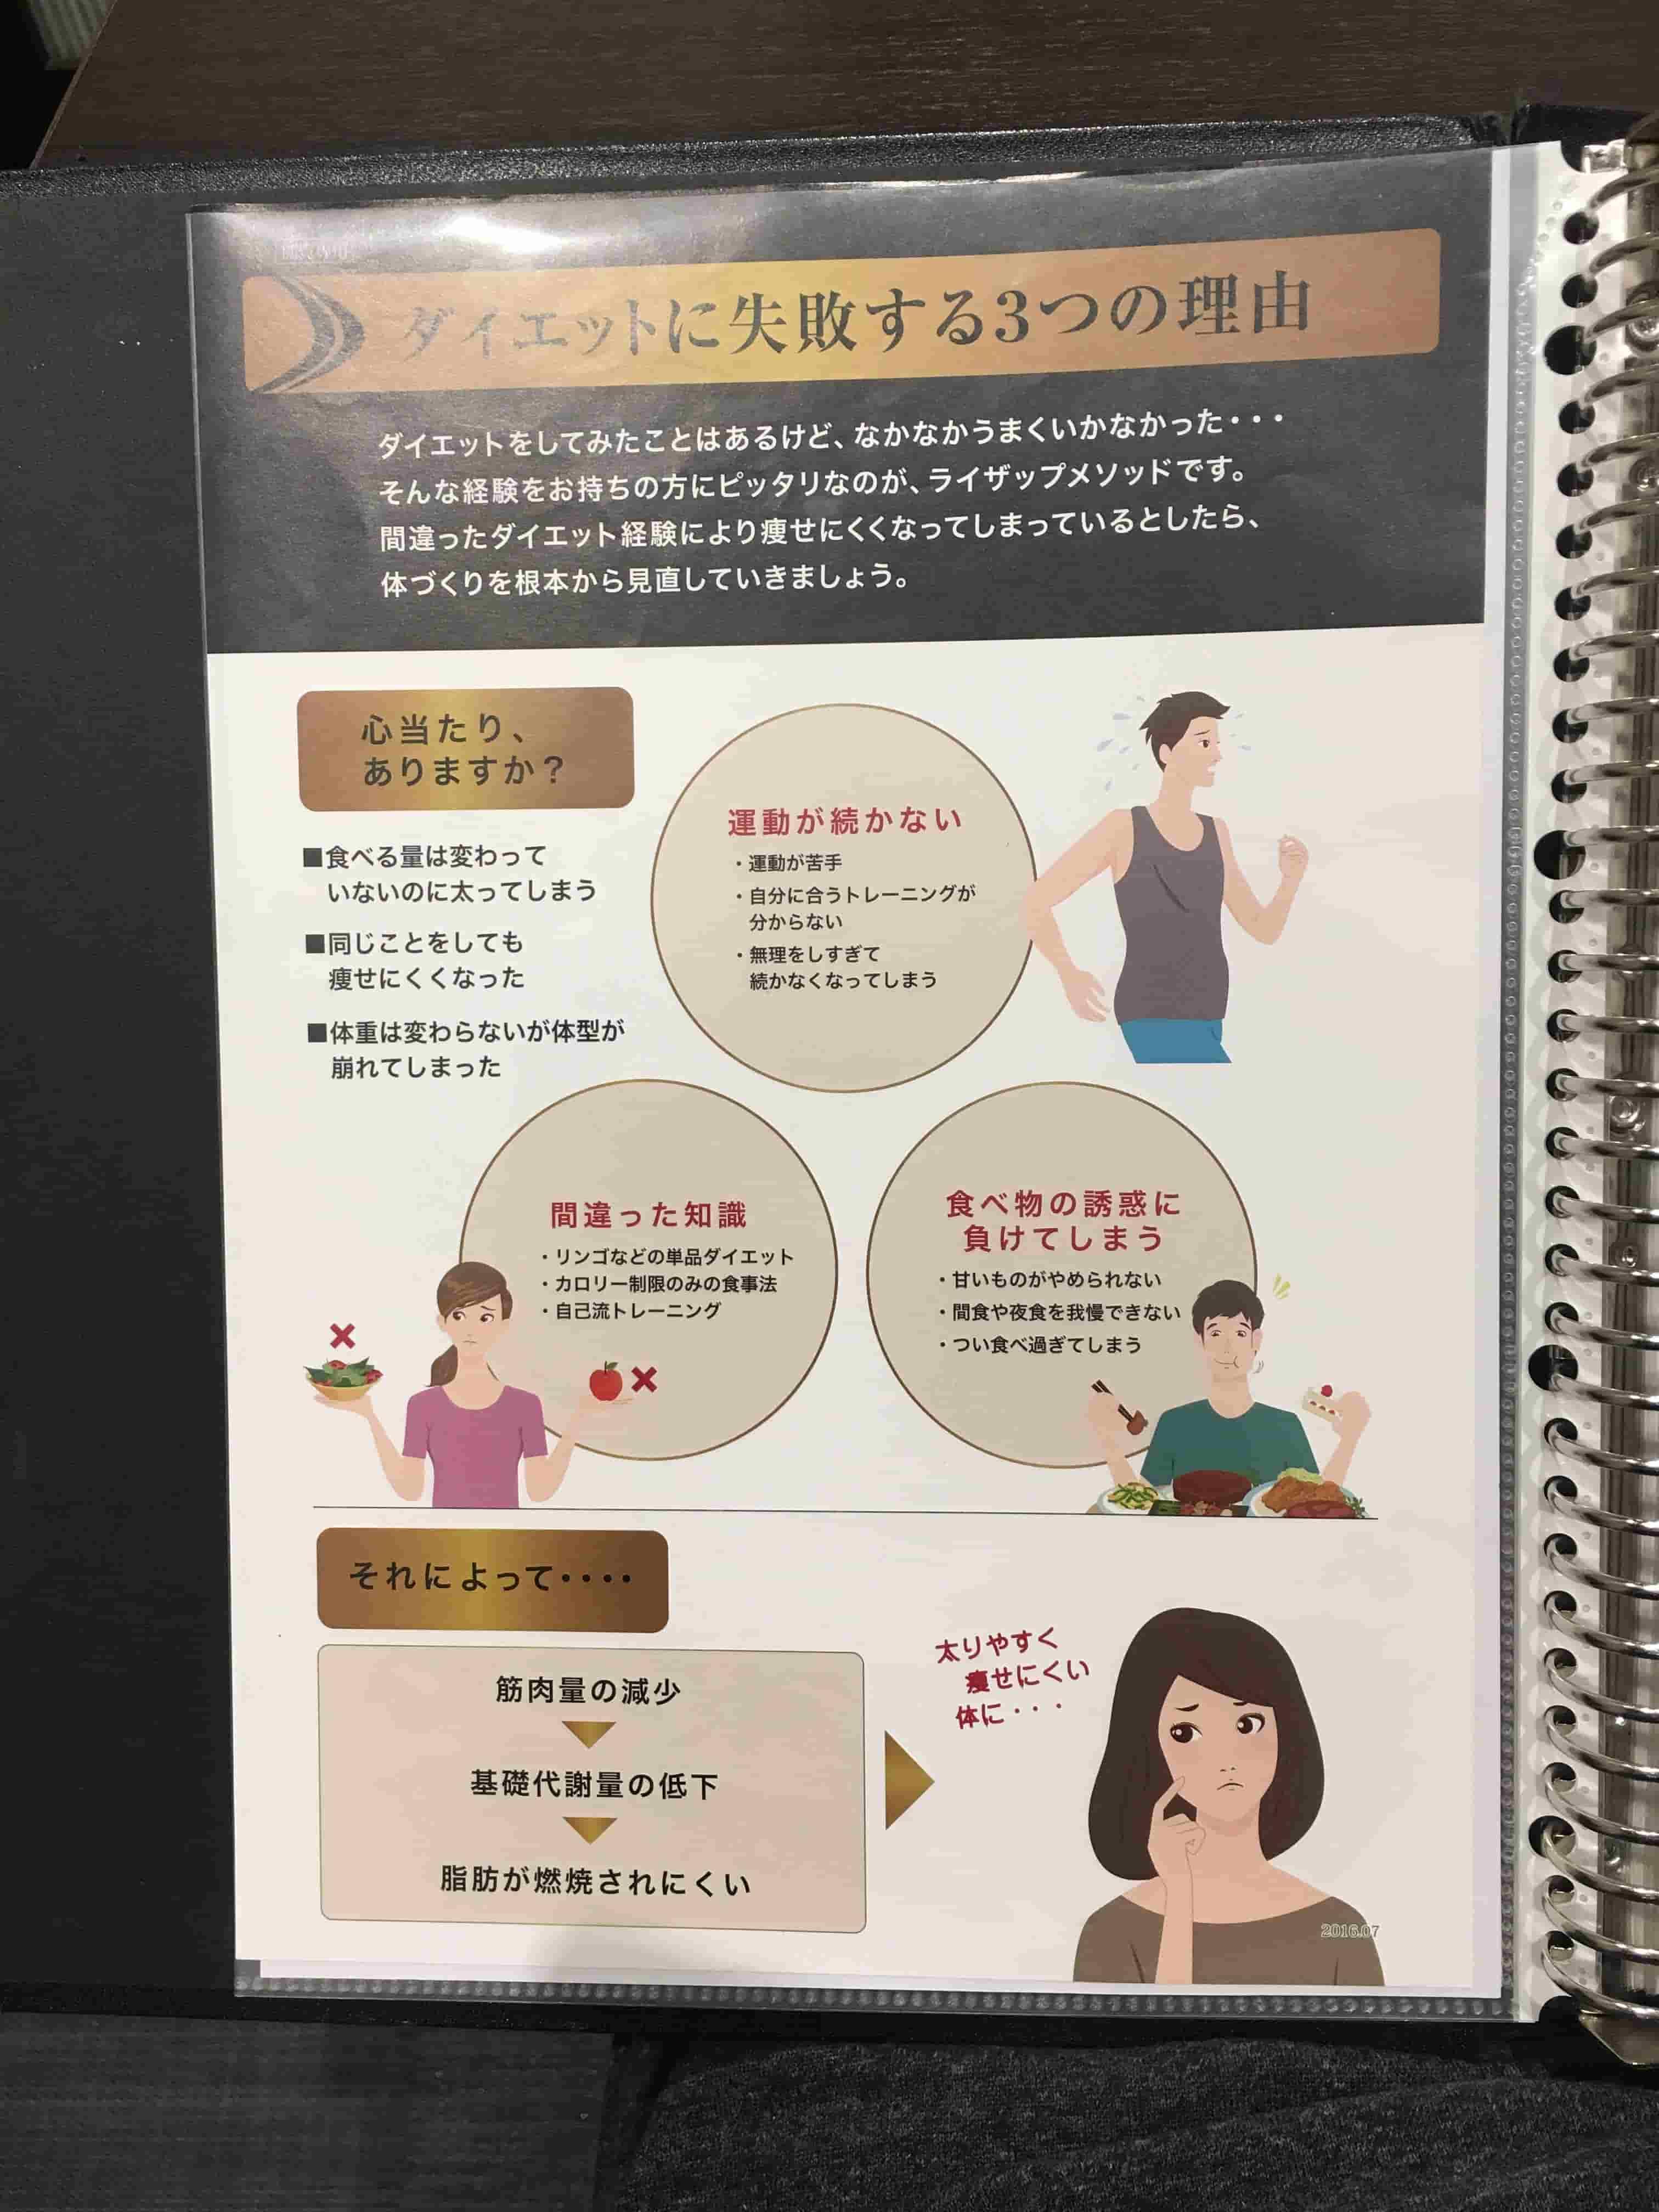 プログラムの説明